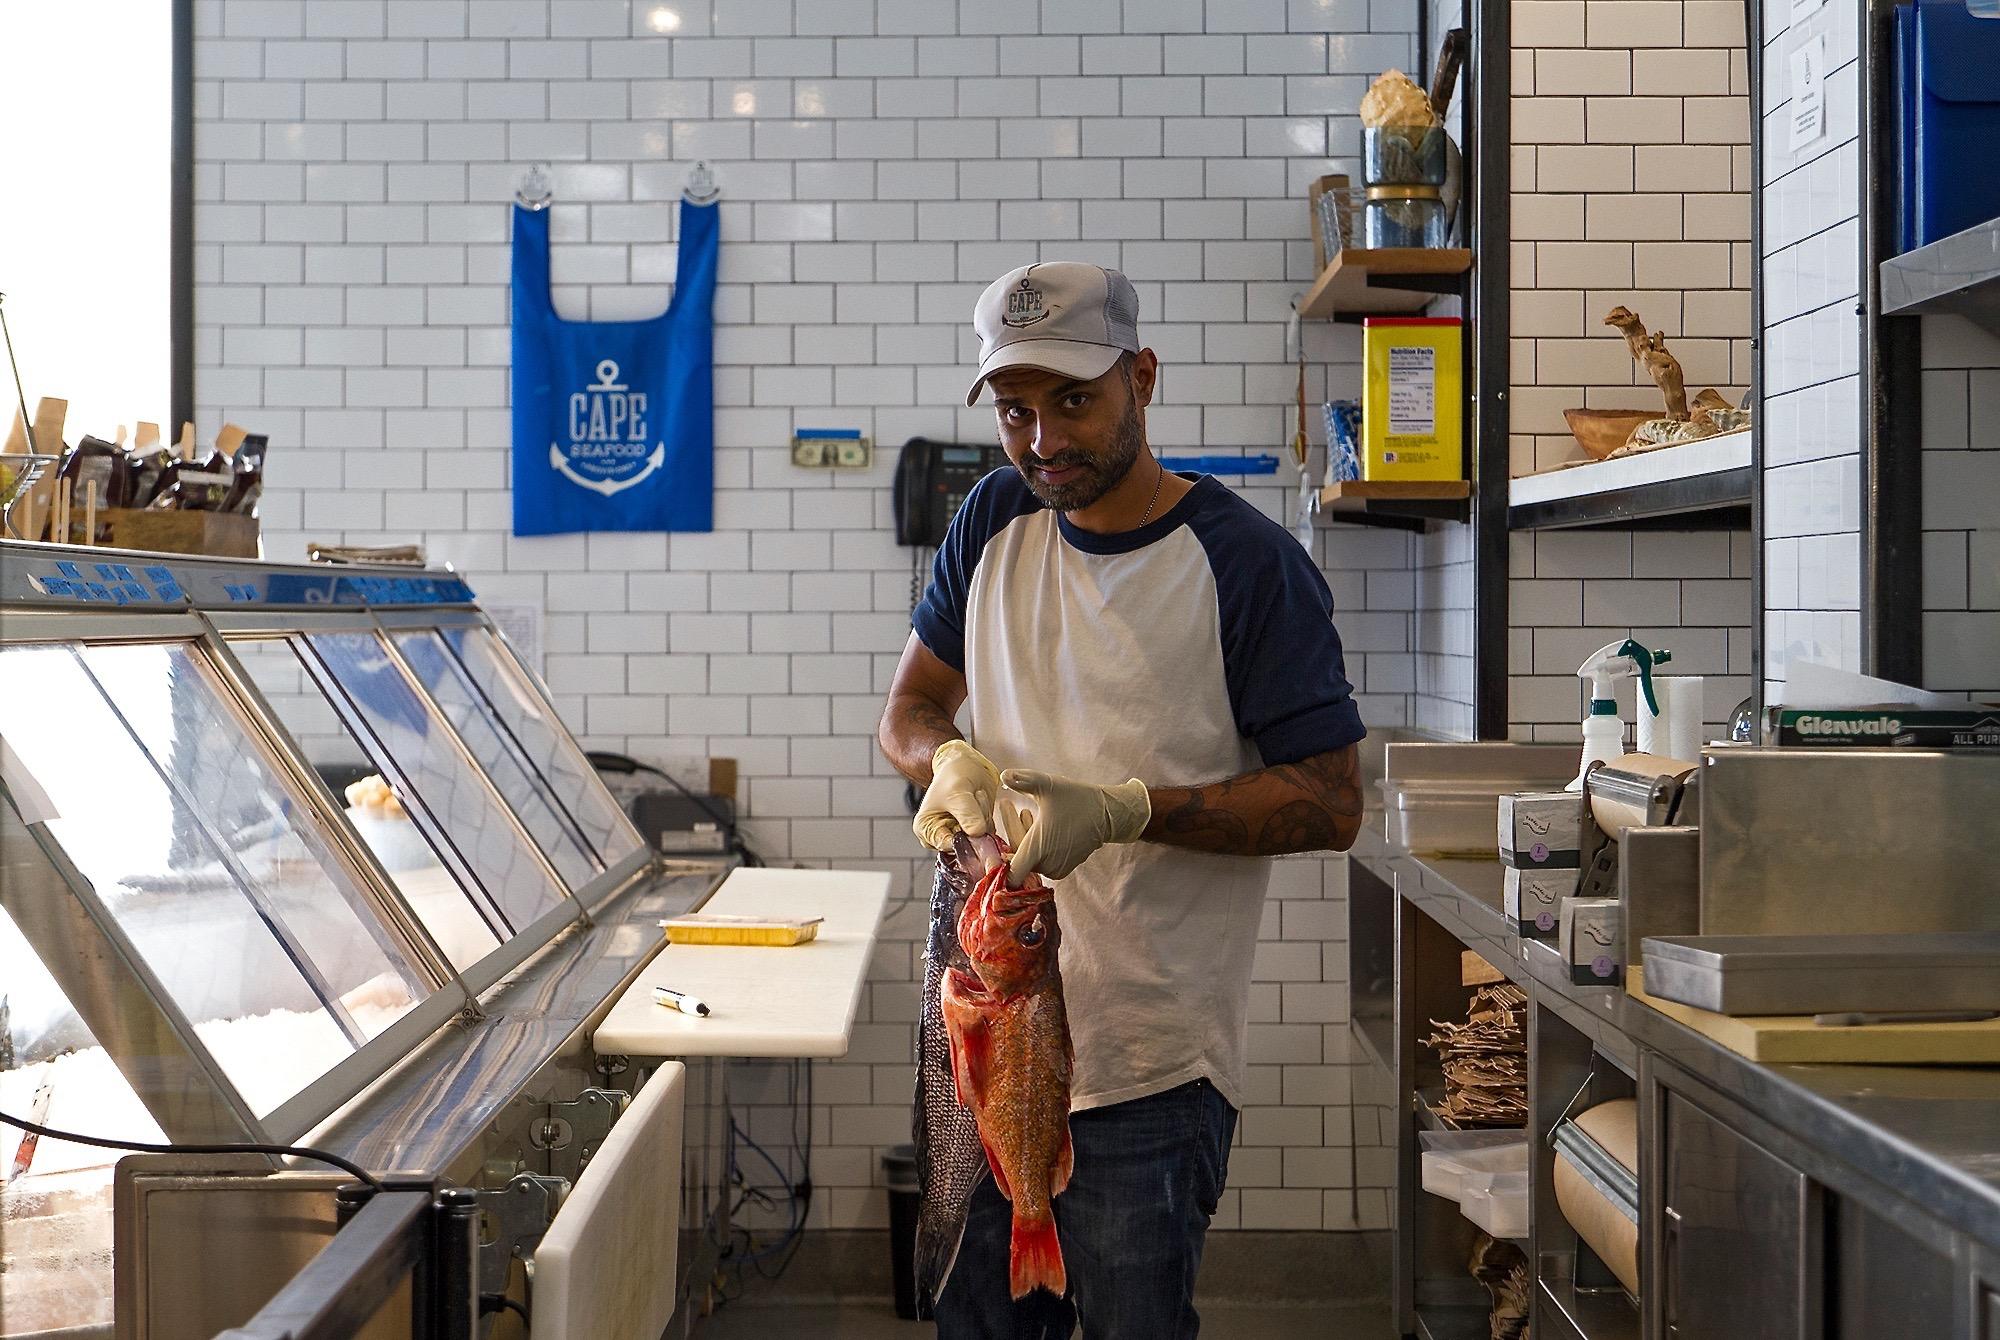 2000-cape-seafood-vish-shah